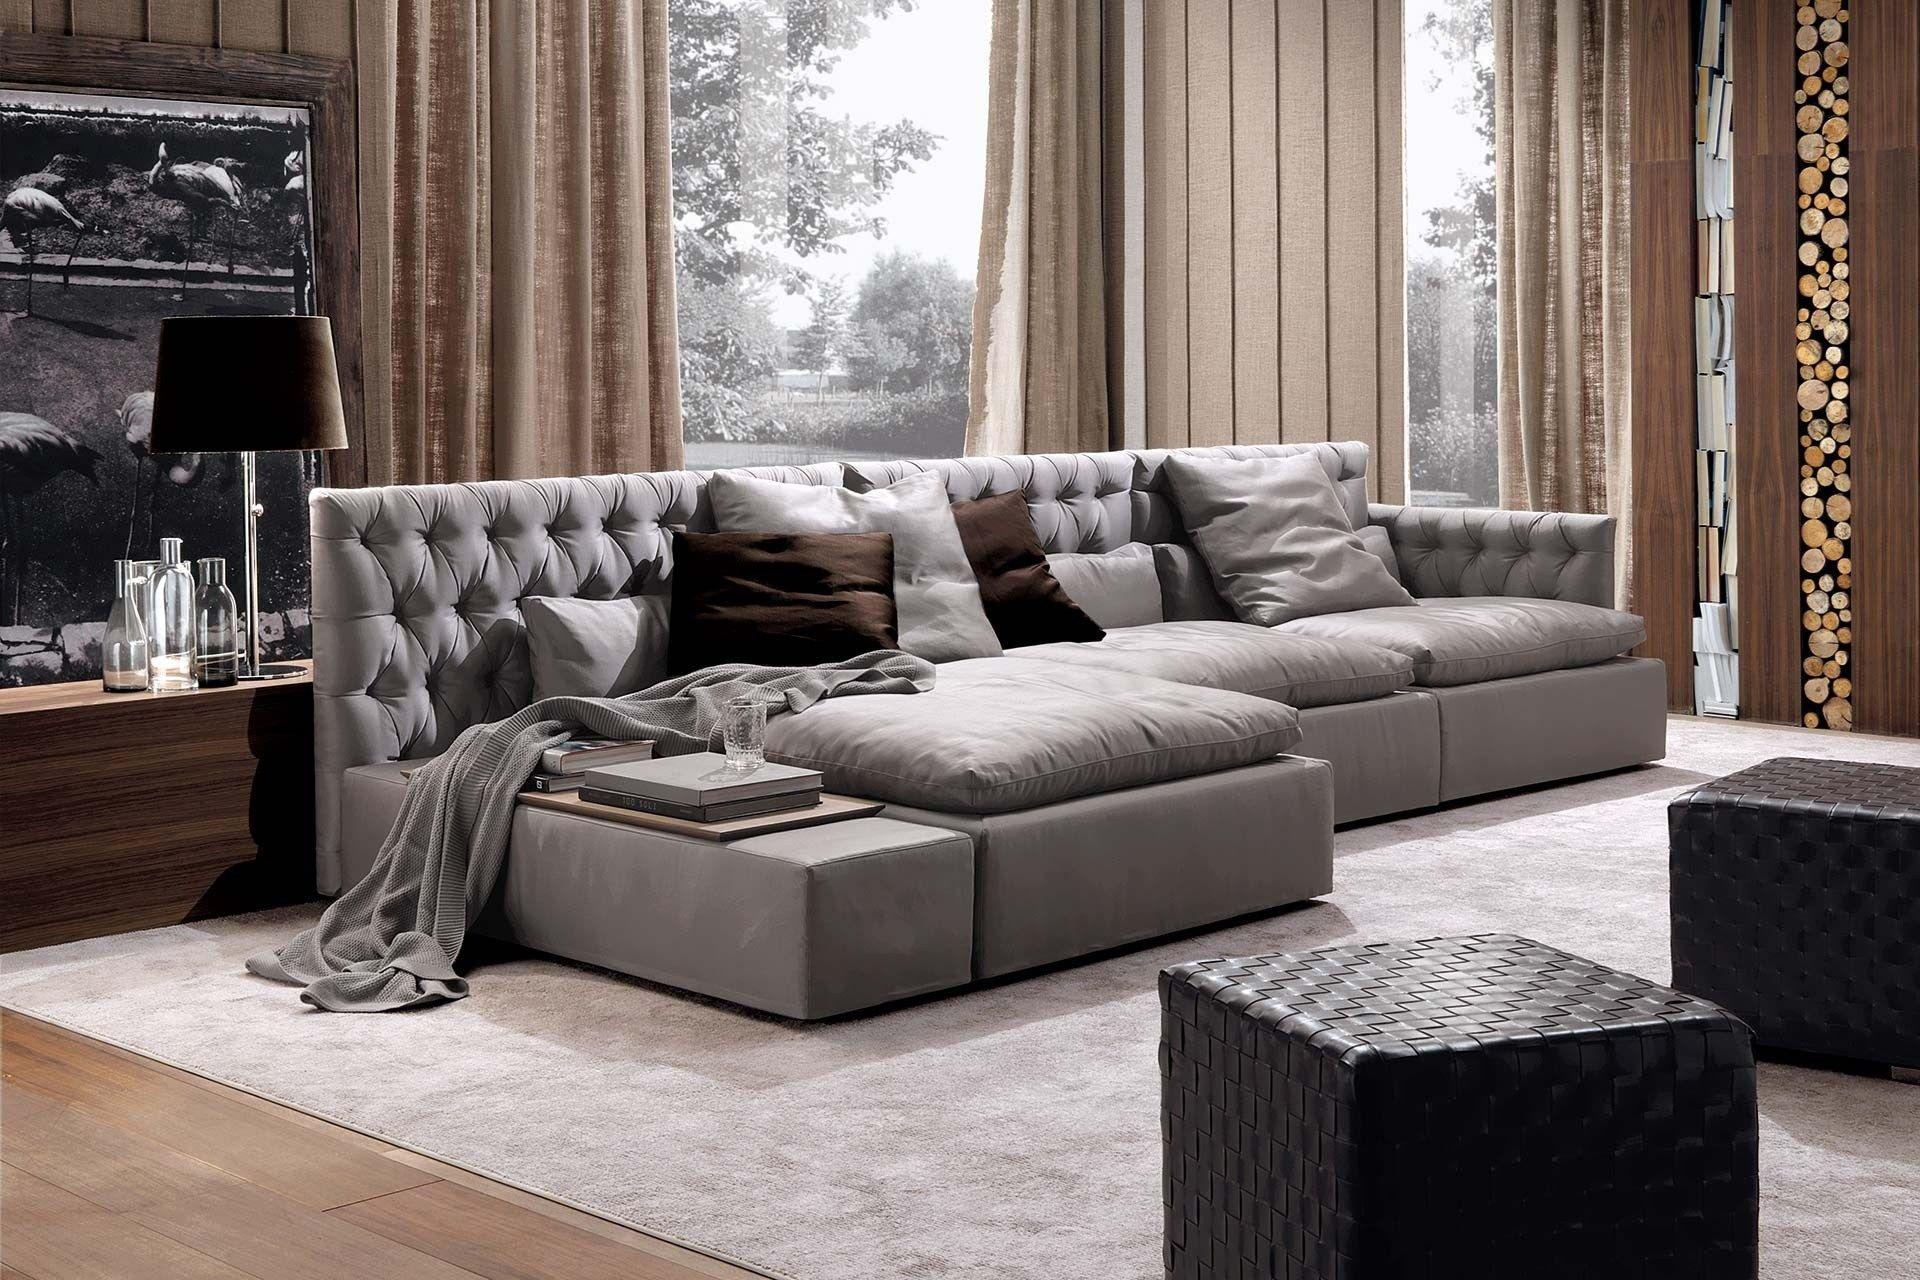 Domino capitonne 39 divano in pelle by frigerio poltrone e - Divani stretti e lunghi ...